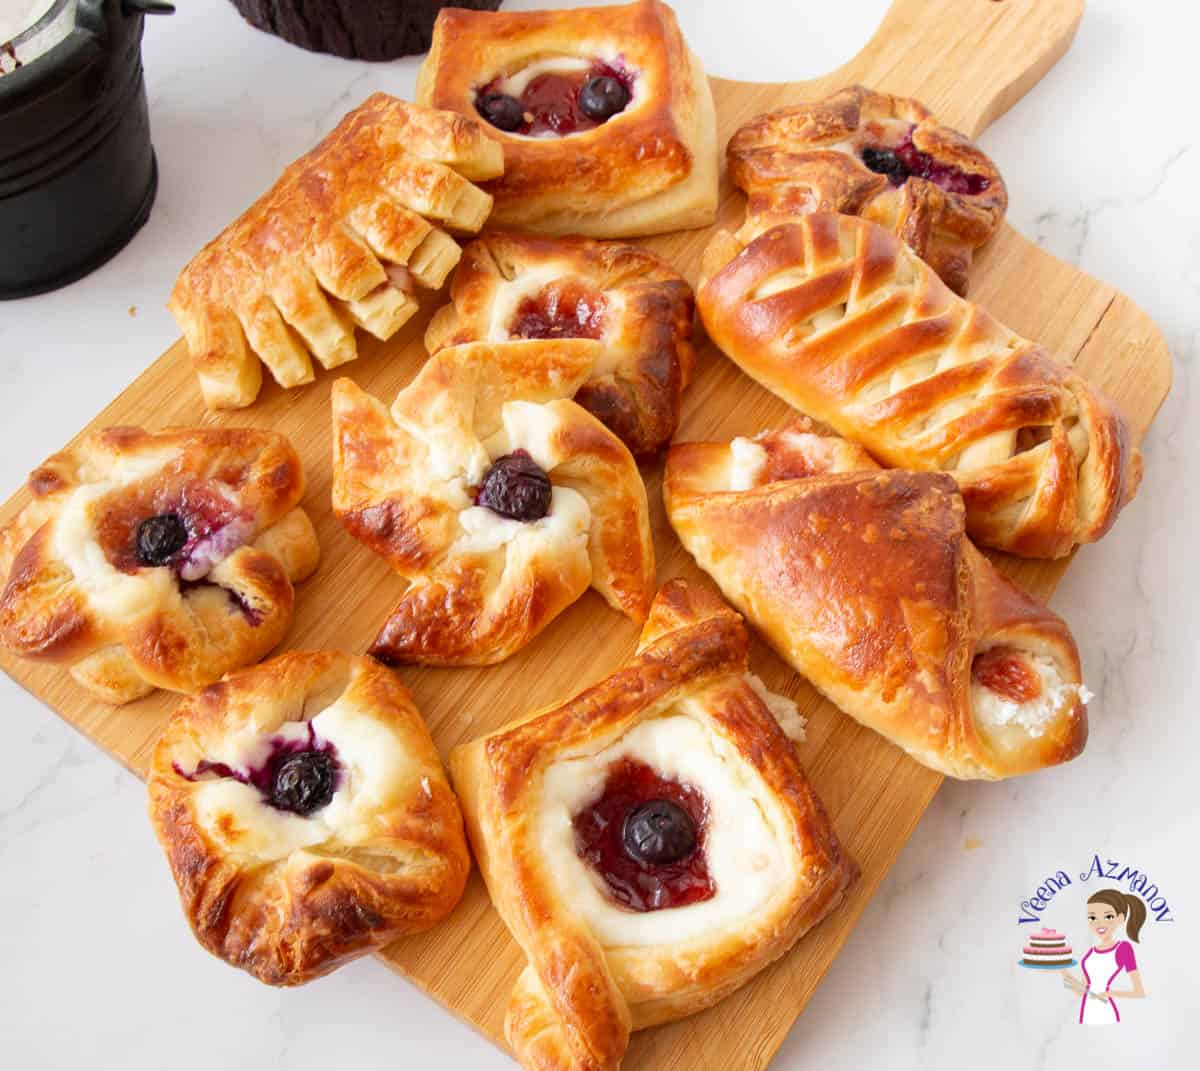 Breakfast pastries on a wooden board.